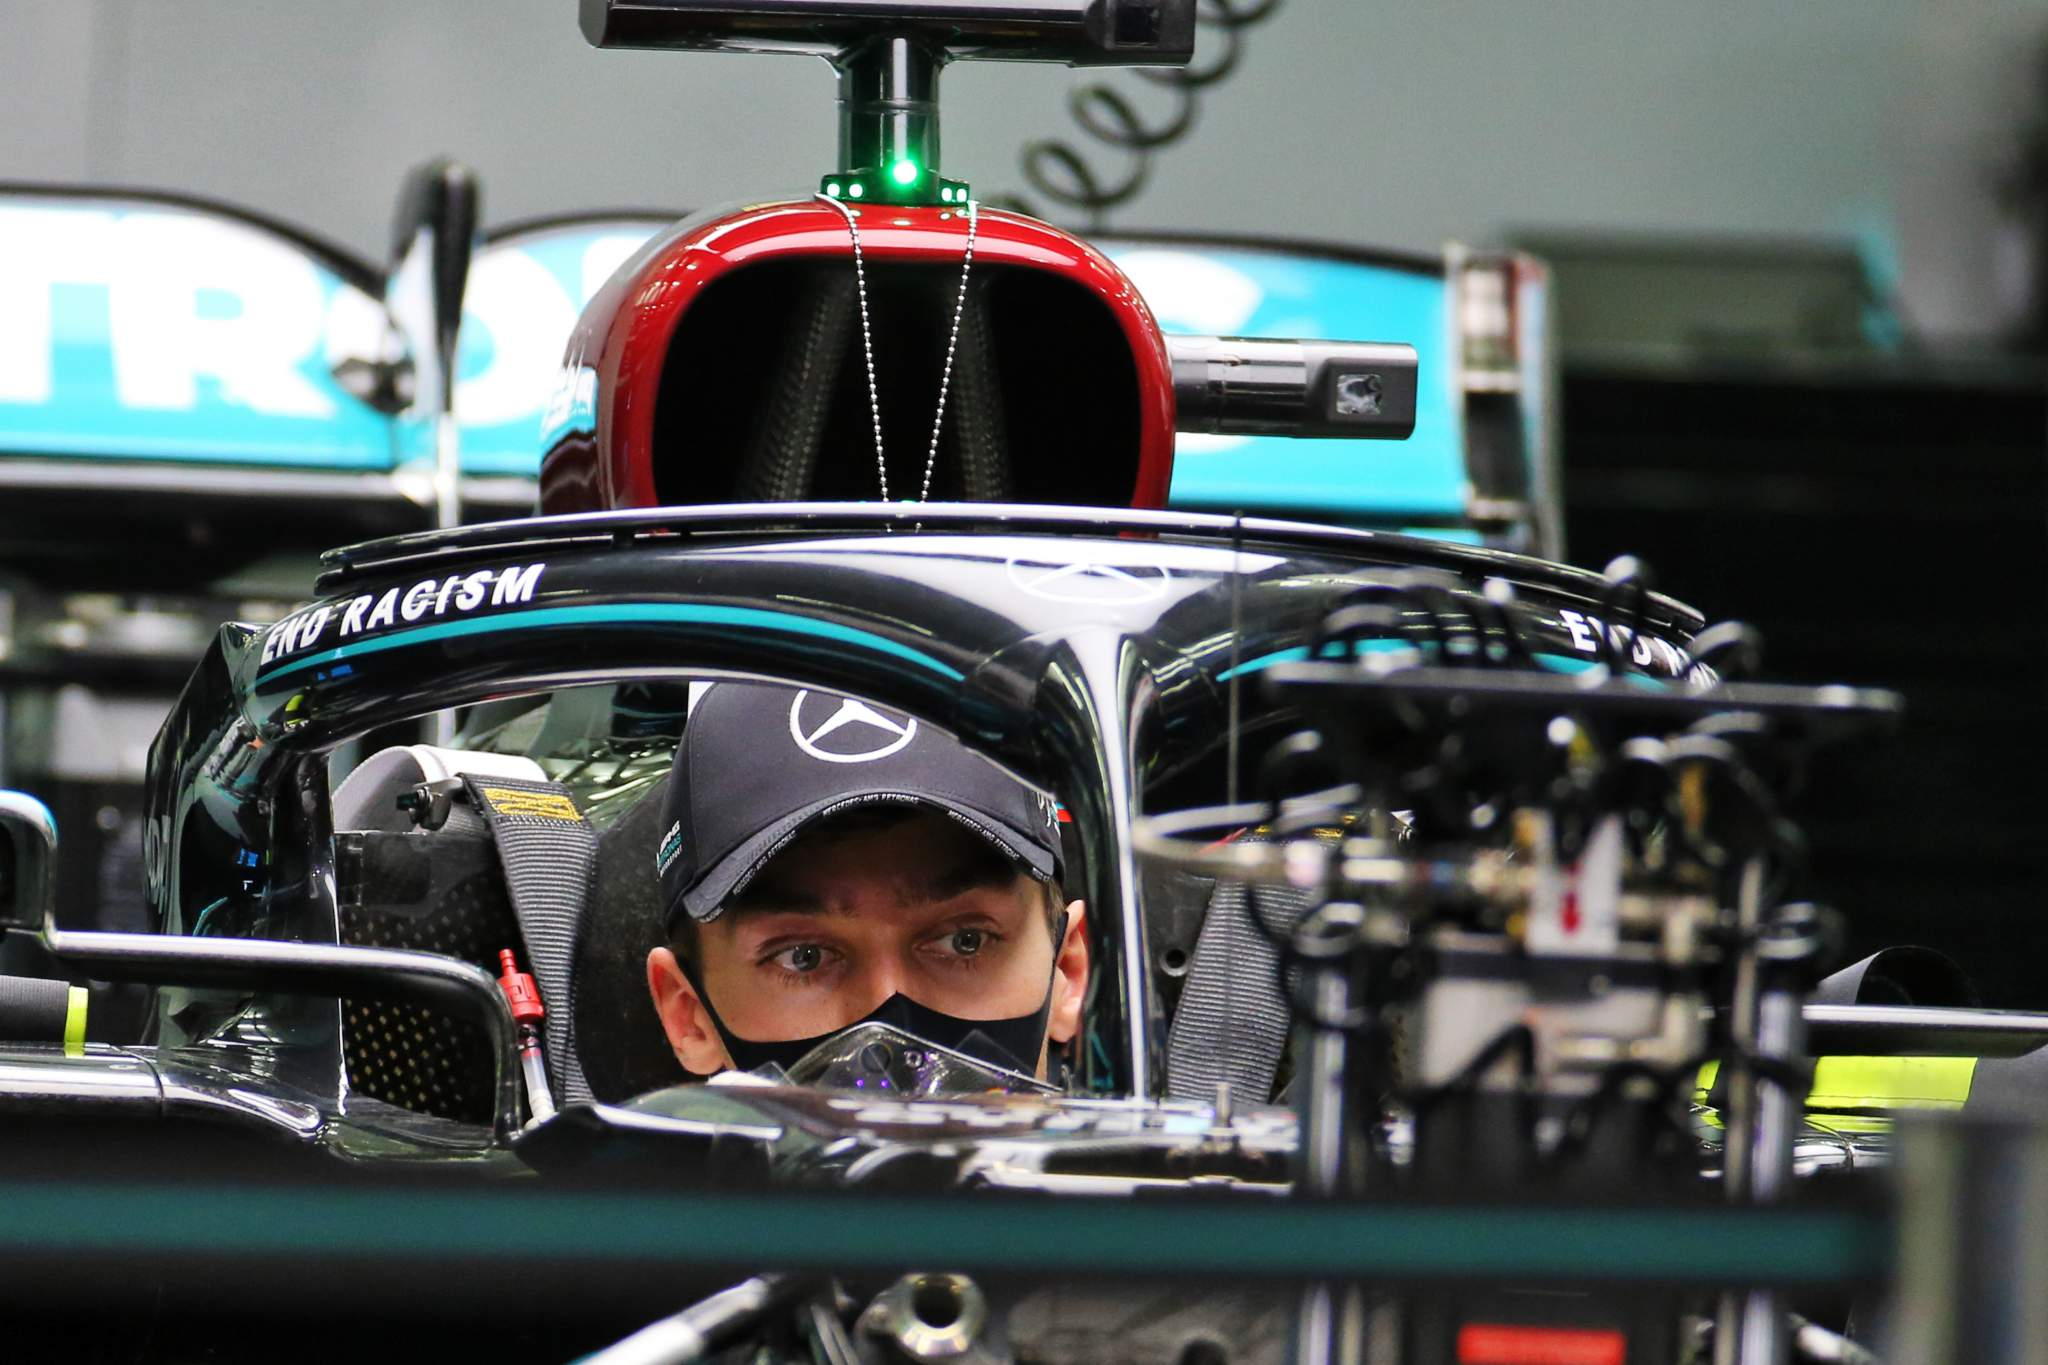 Motor Racing Formula One World Championship Sakhir Grand Prix Preparation Day Sakhir, Bahrain